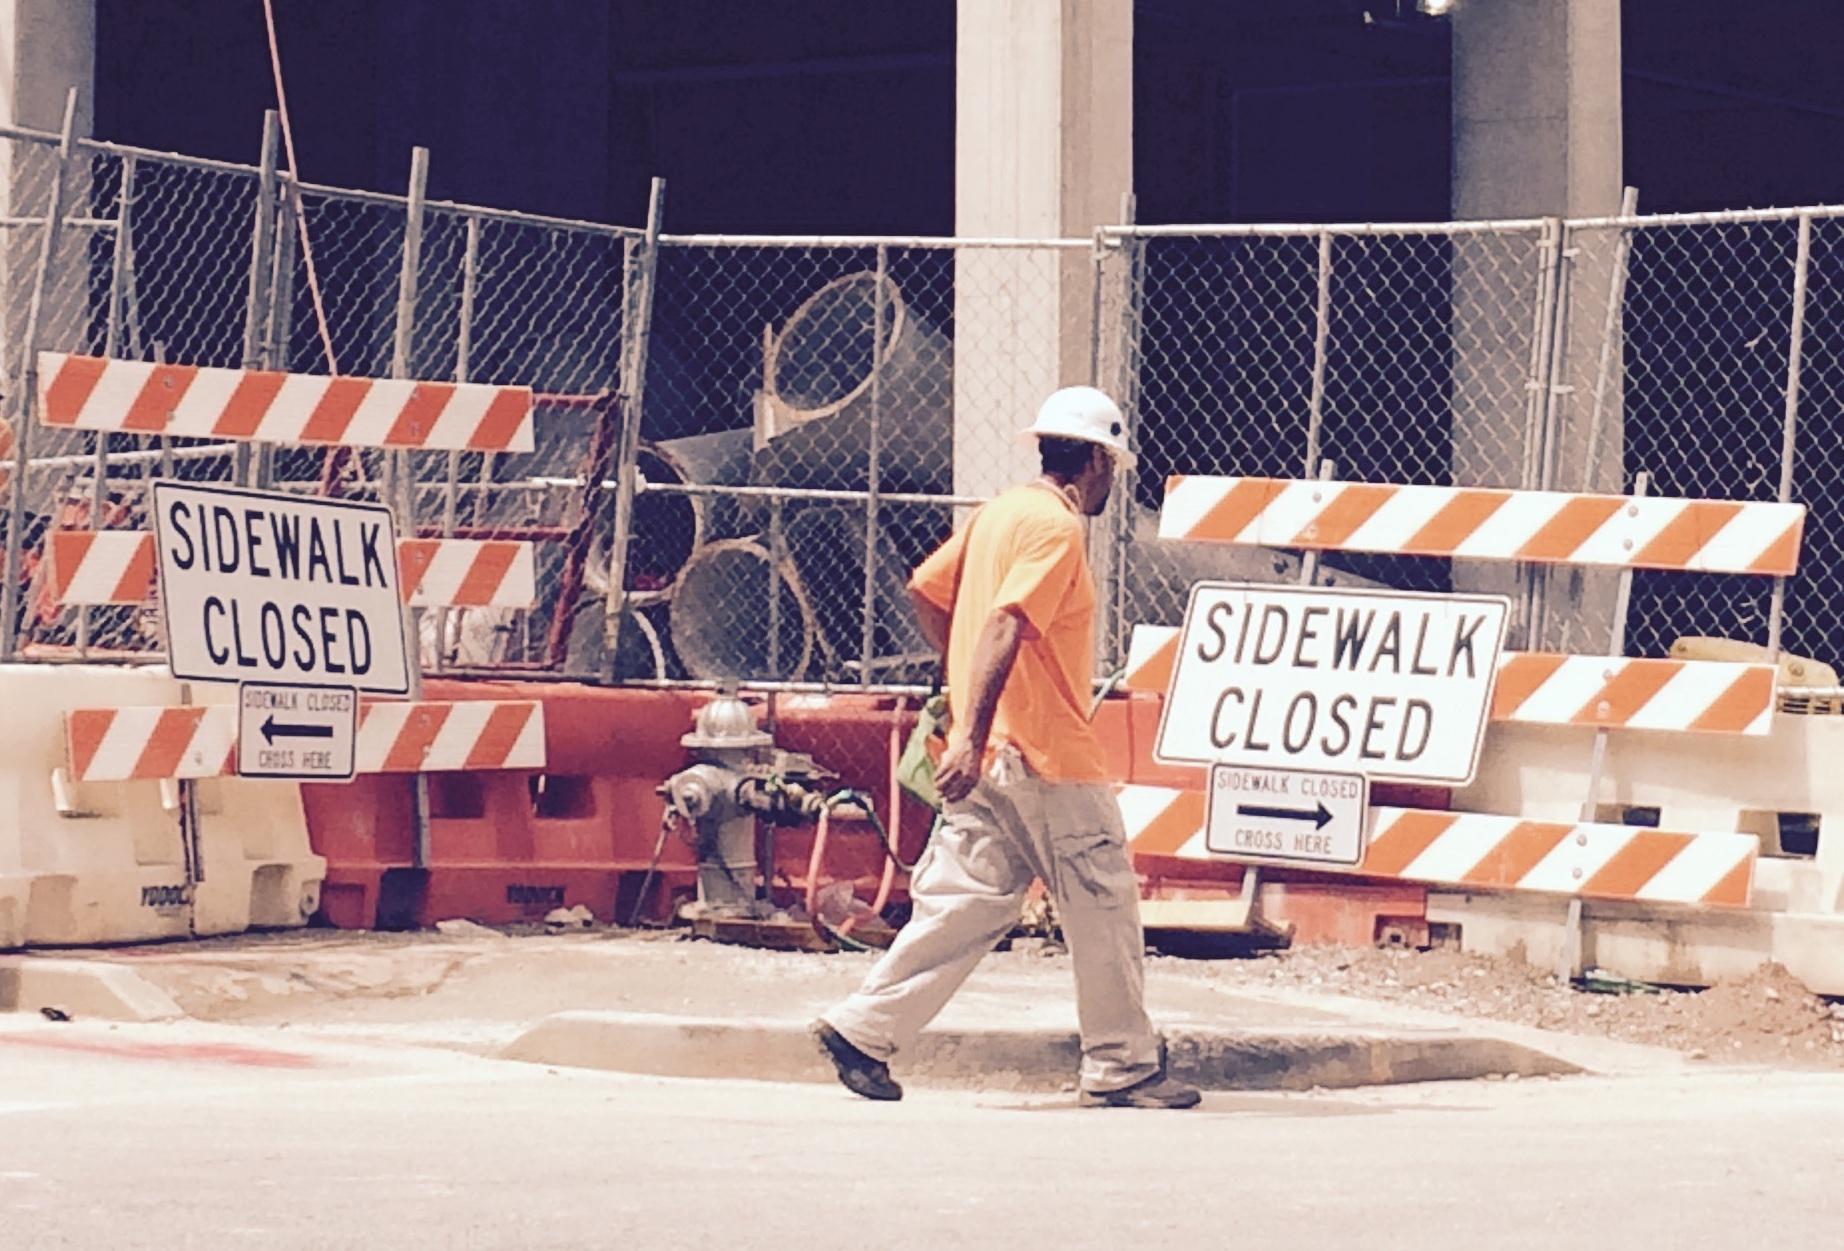 closed sidewalks